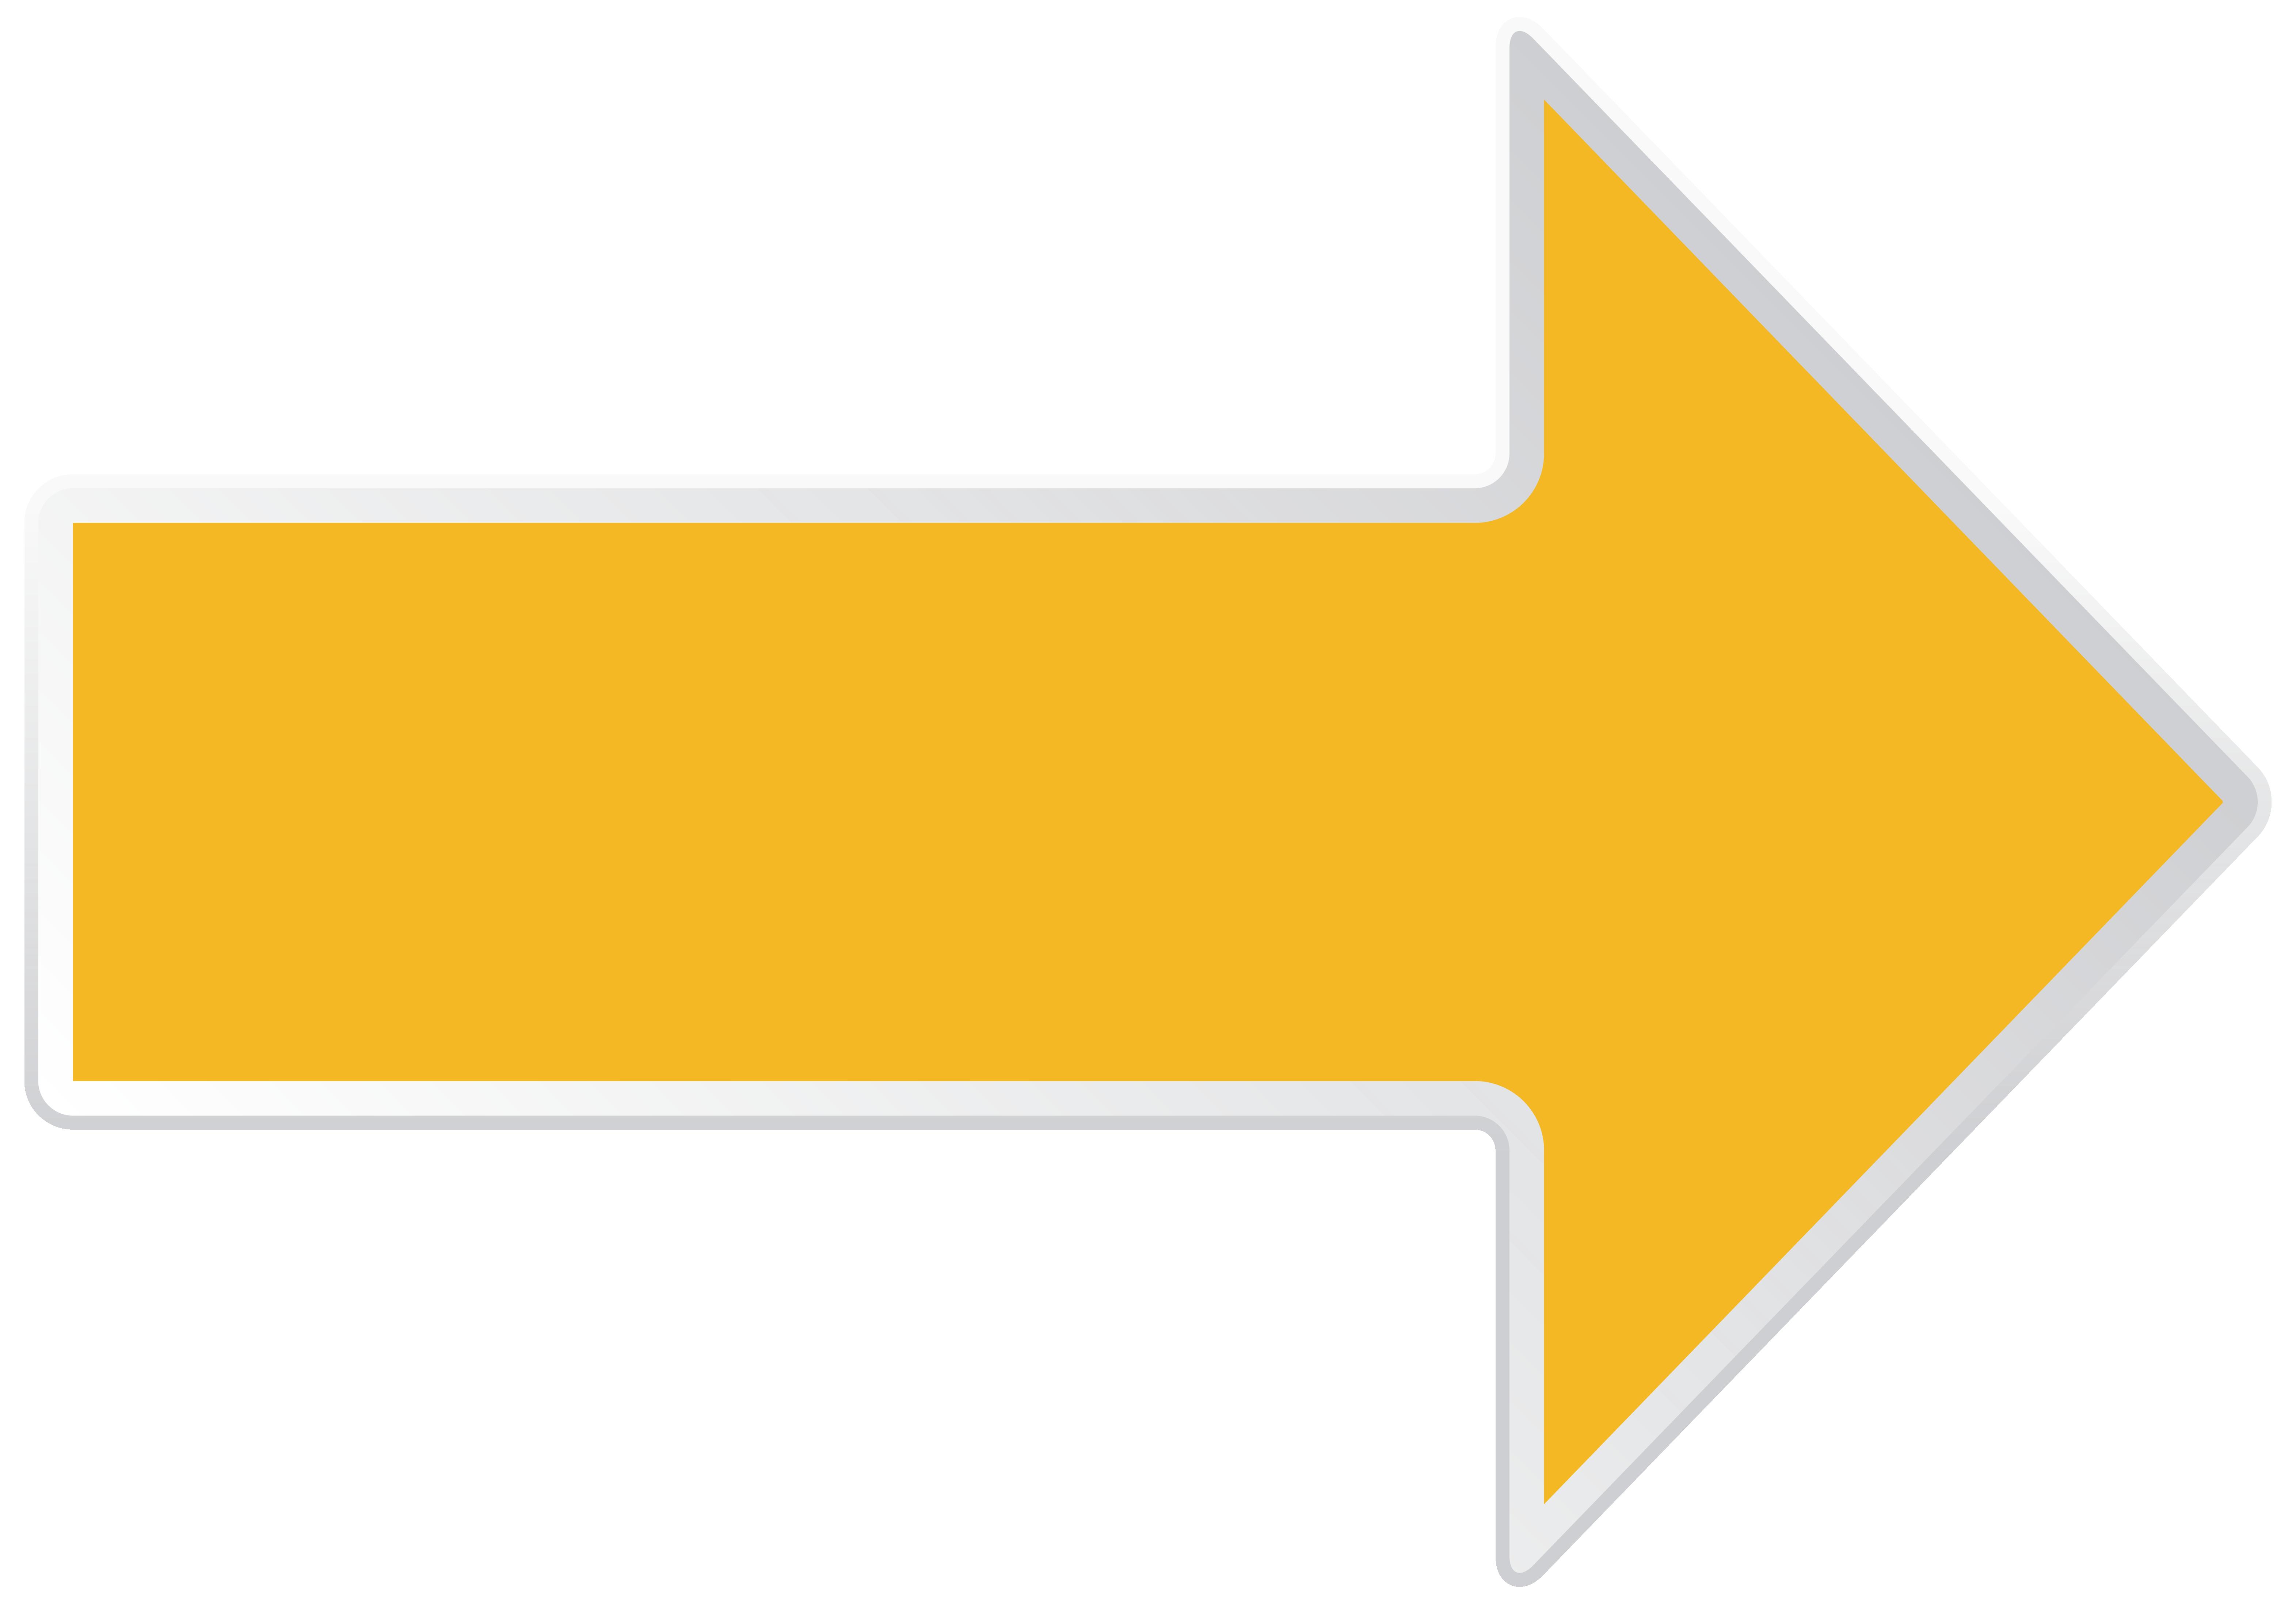 Clipart arrow png transparent graphic transparent stock Arrow Yellow Right Transparent PNG Clip Art Image graphic transparent stock